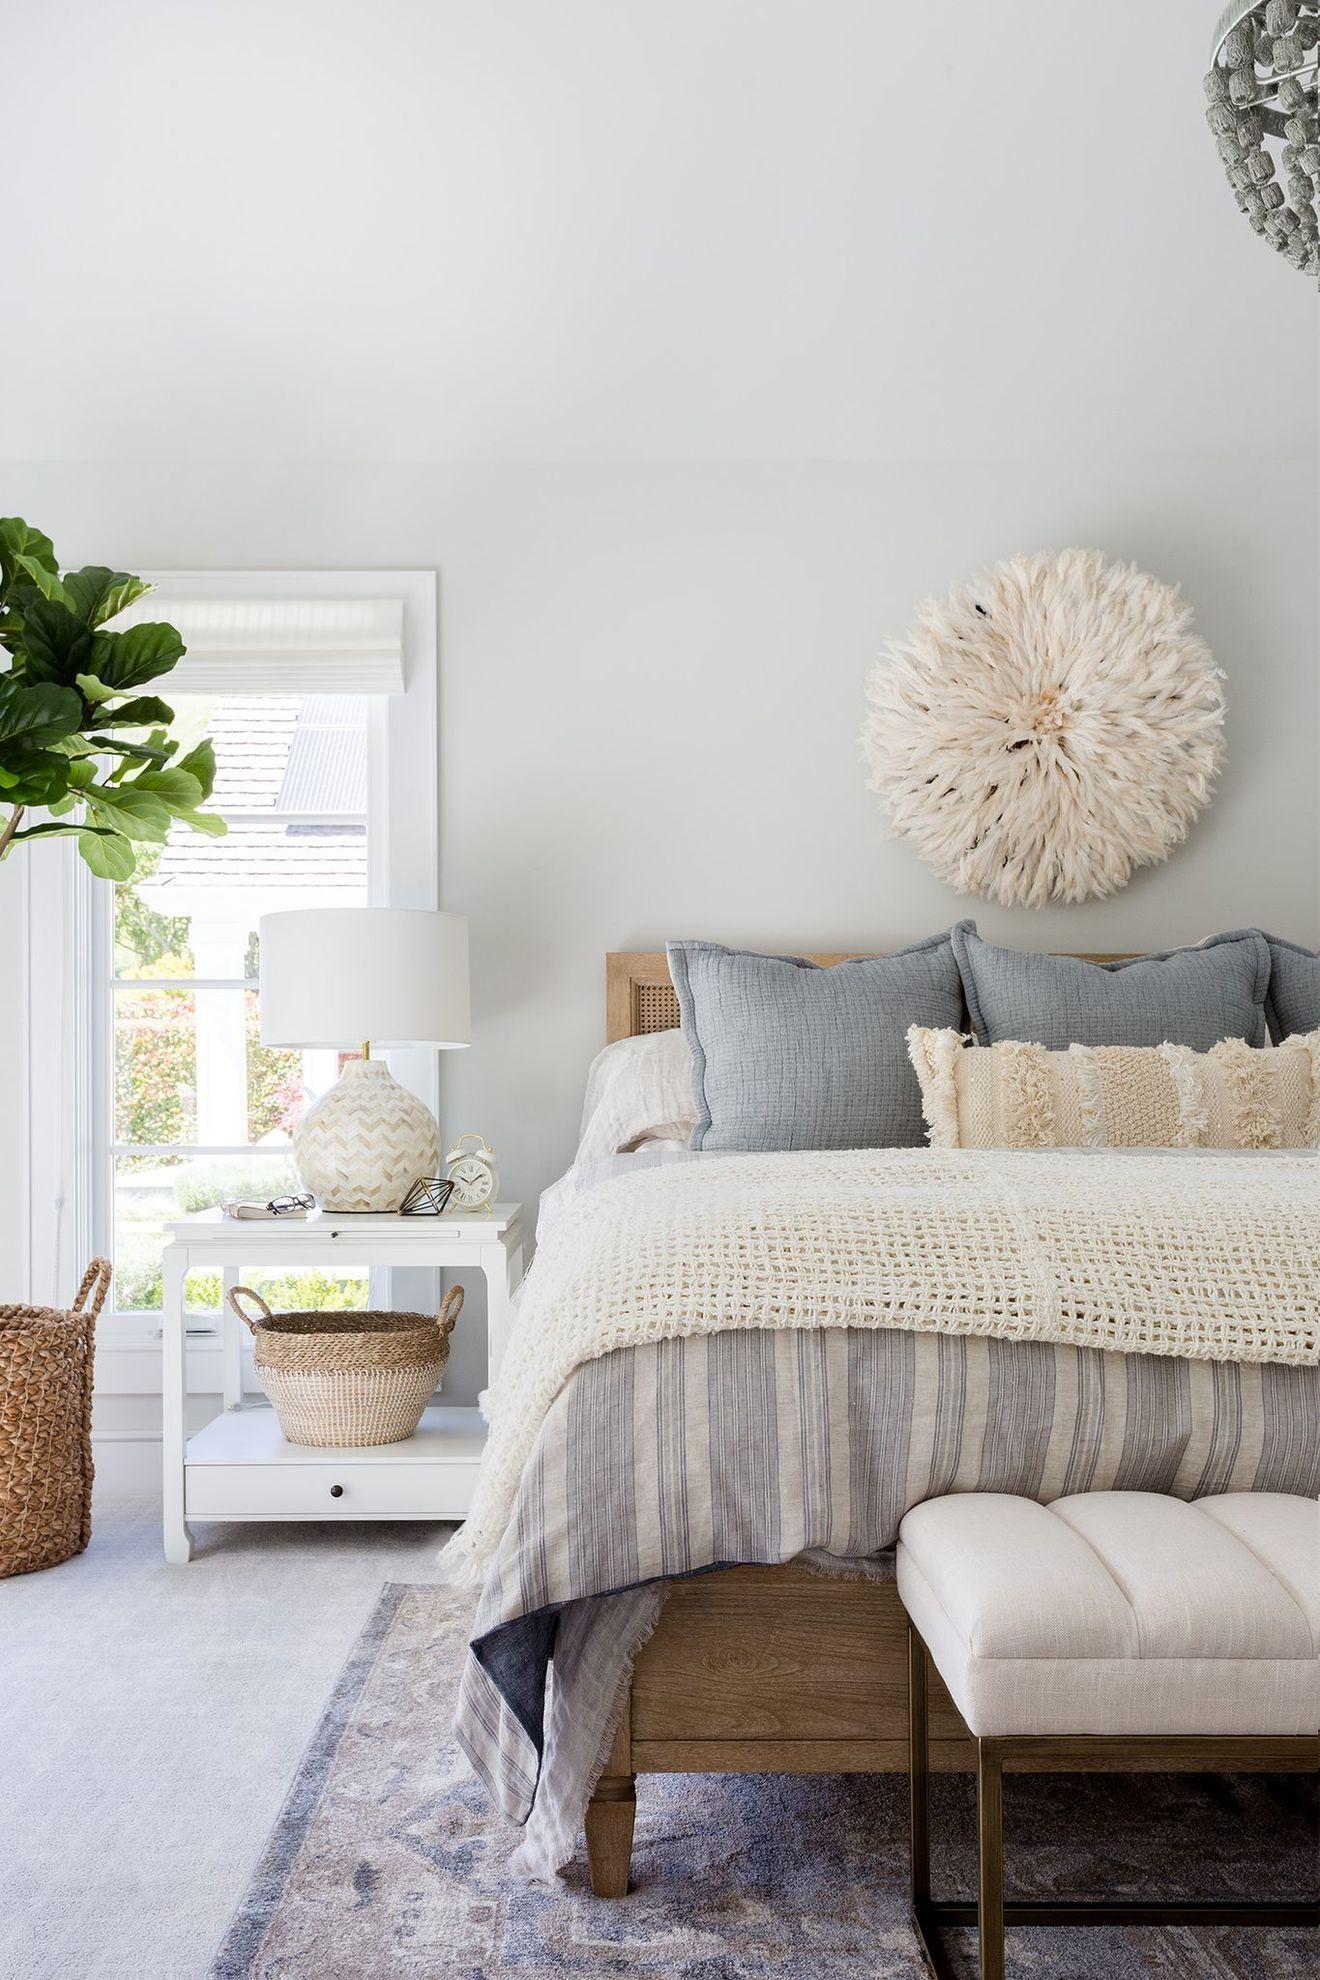 Déco mur blanc : idées originales  Deco mur, Déco maison, Deco